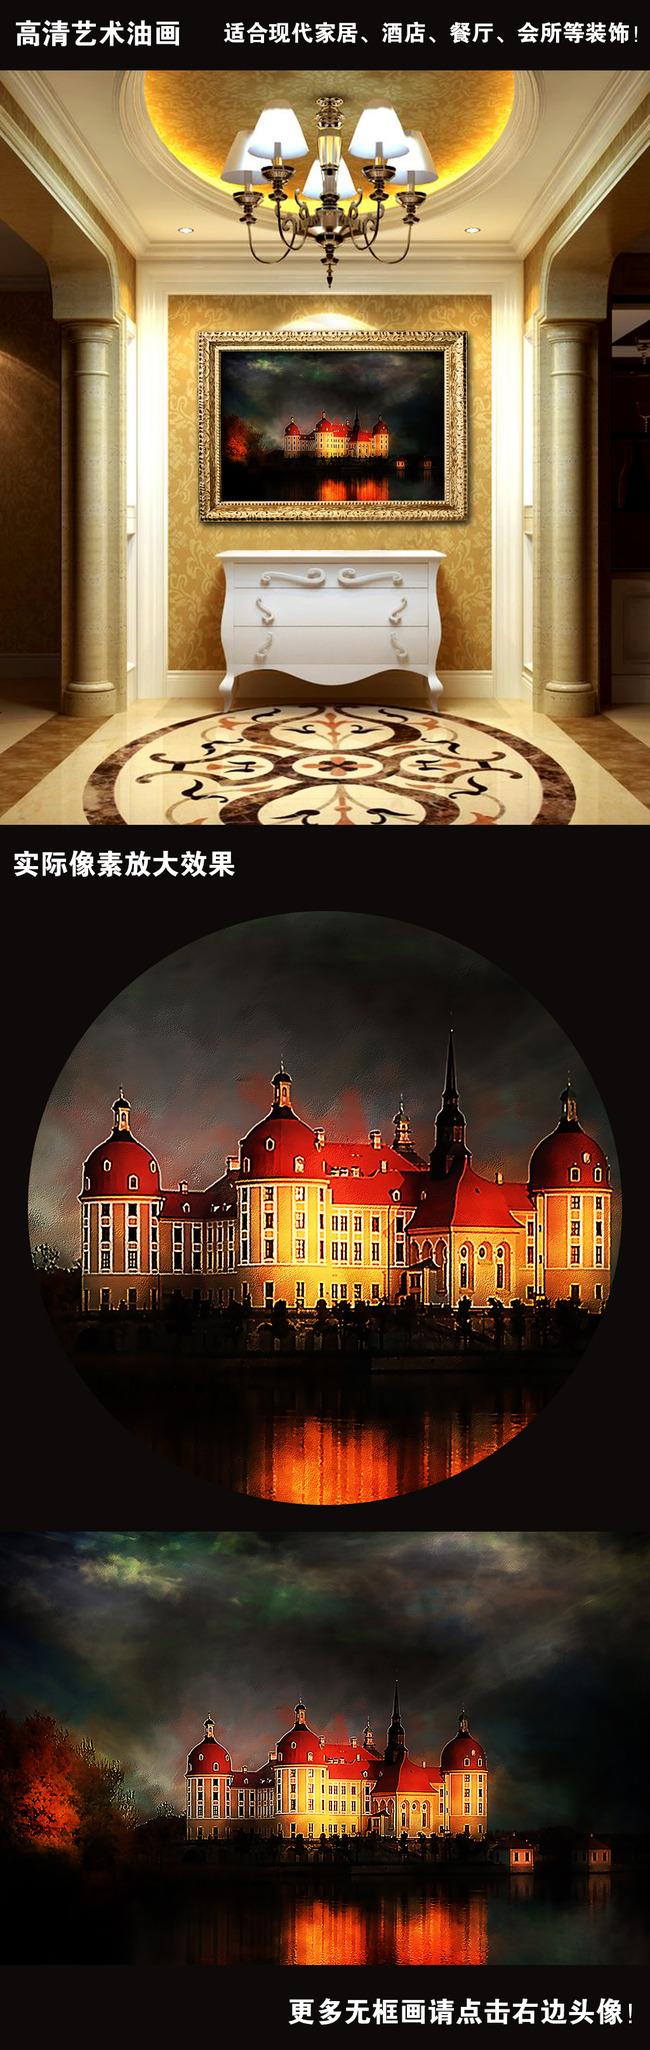 欧洲风景 欧式建筑